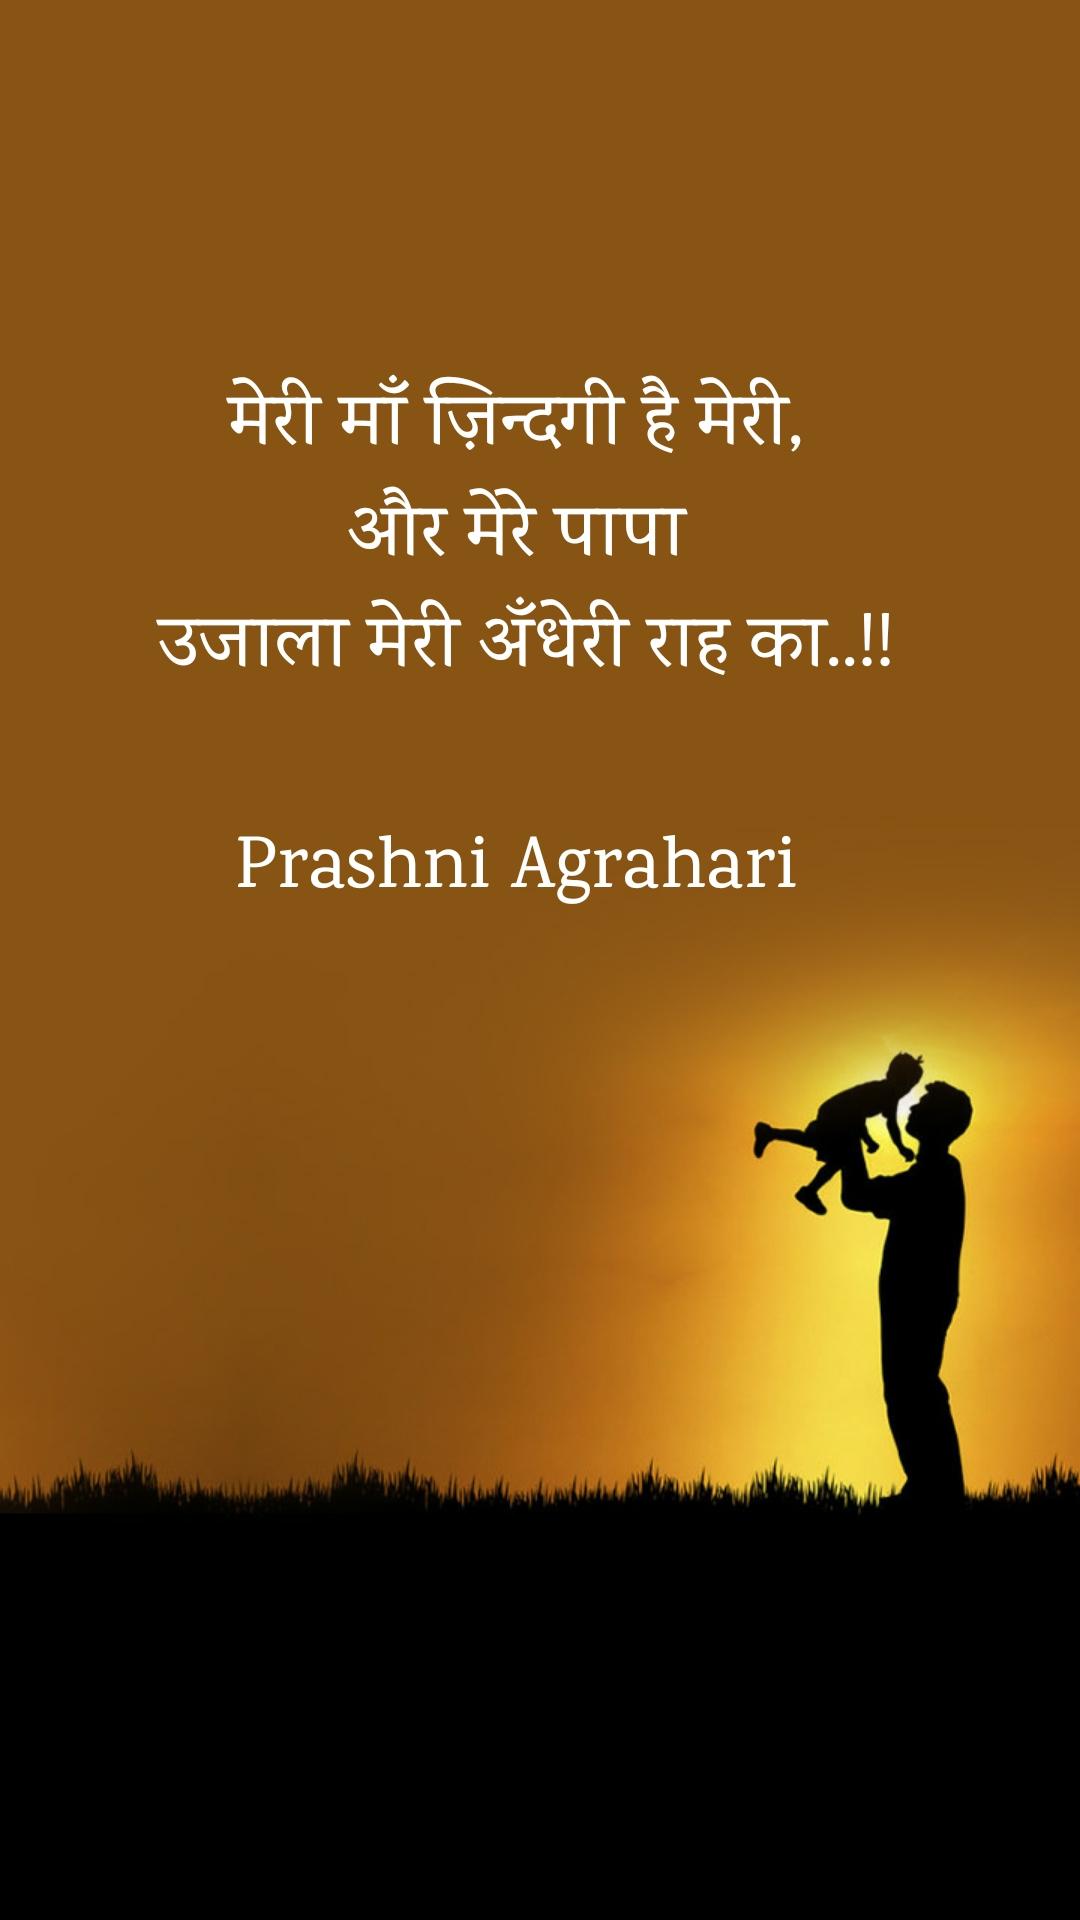 मेरी माँ ज़िन्दगी है मेरी, और मेरे पापा  उजाला मेरी अँधेरी राह का..!!  Prashni Agrahari